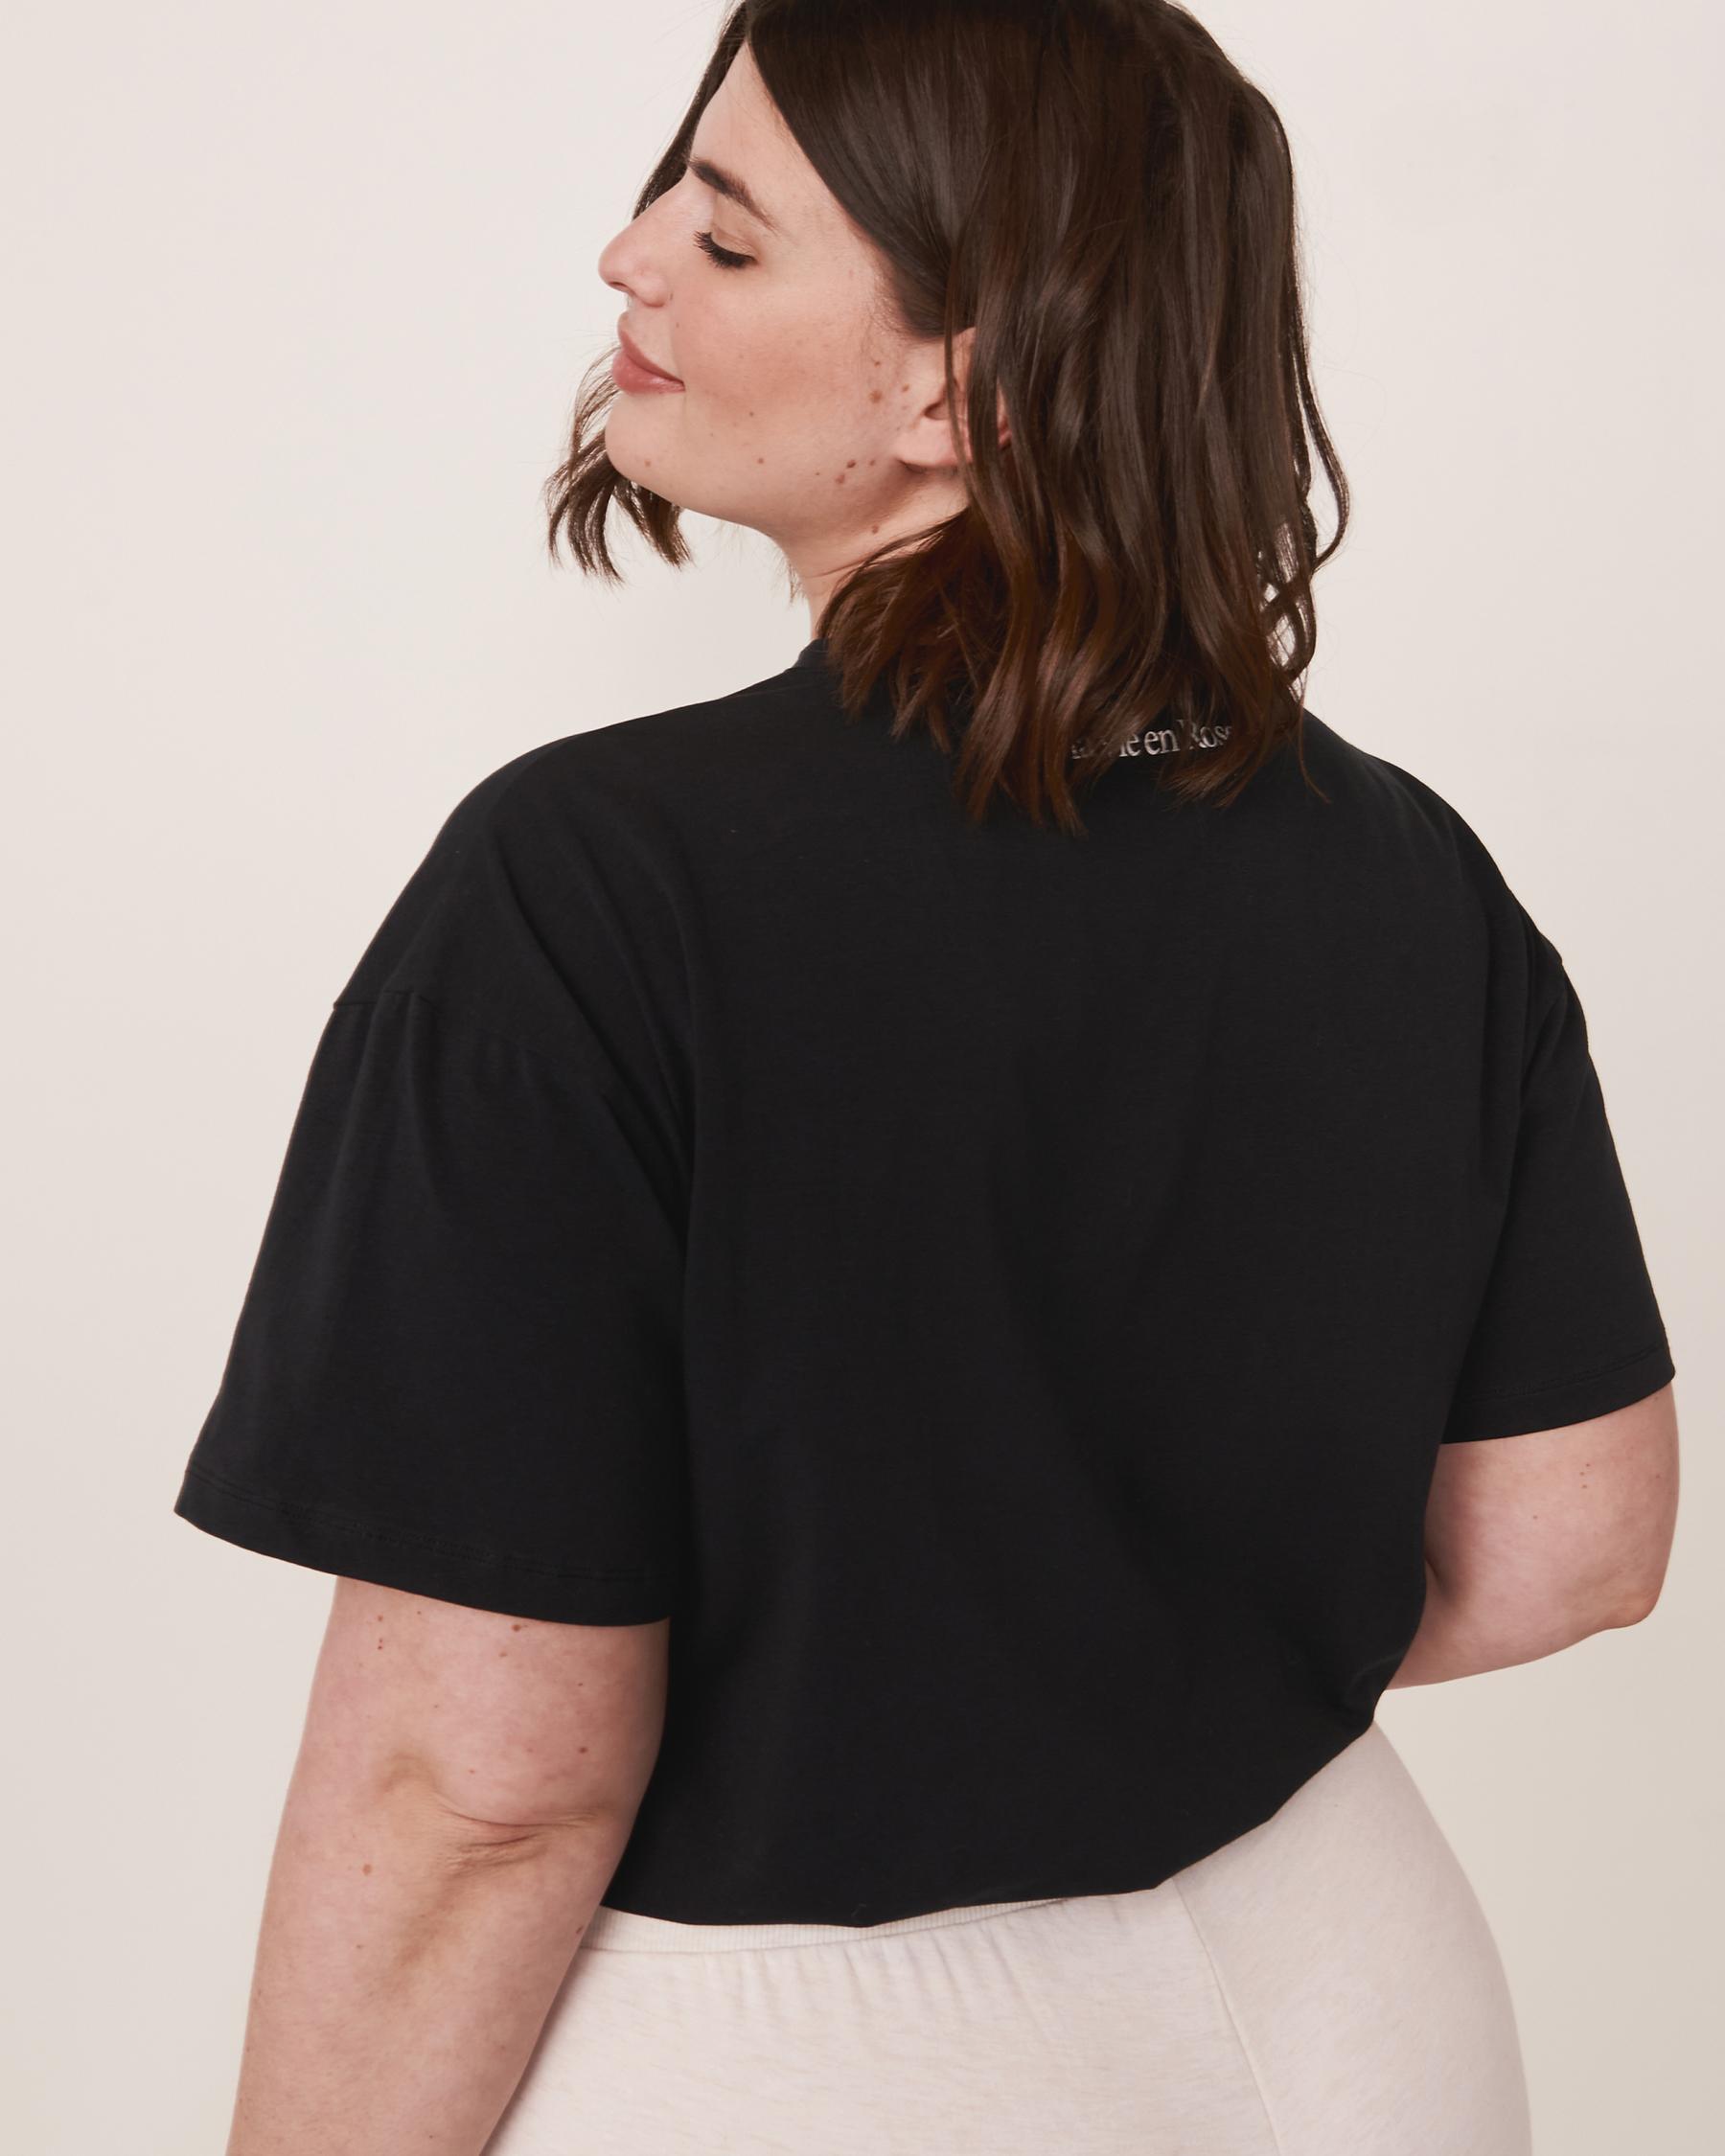 LA VIE EN ROSE T-shirt Gardez l'esprit sein Noir 90400001 - Voir8